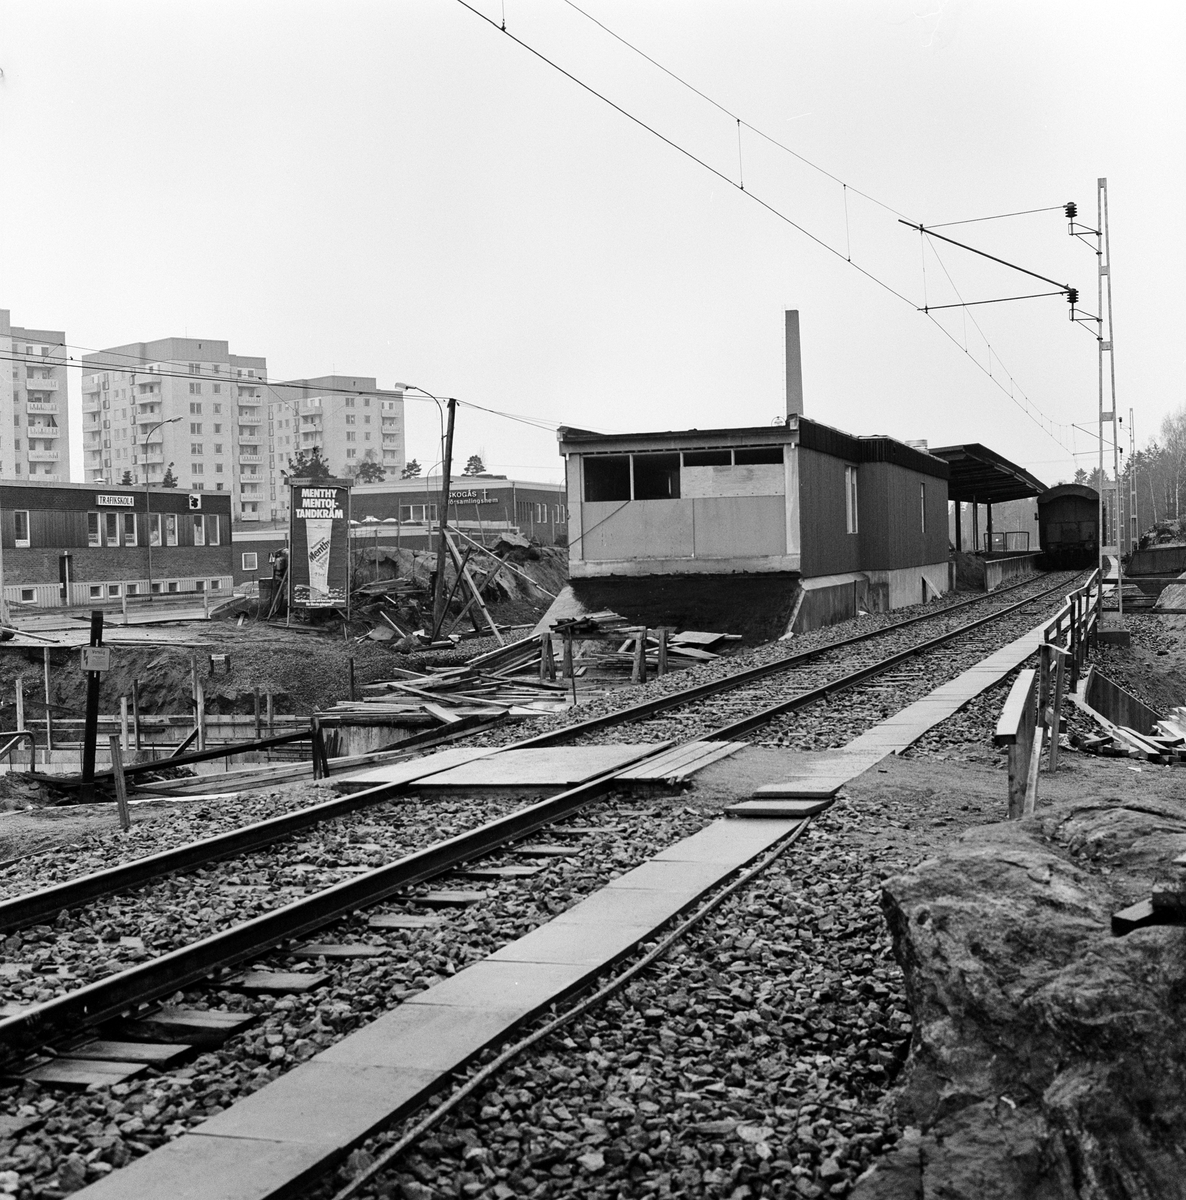 Ombyggnadsarbete inför kommande pendeltågstrafik, linjen Älvsjö - Västerhaninge.